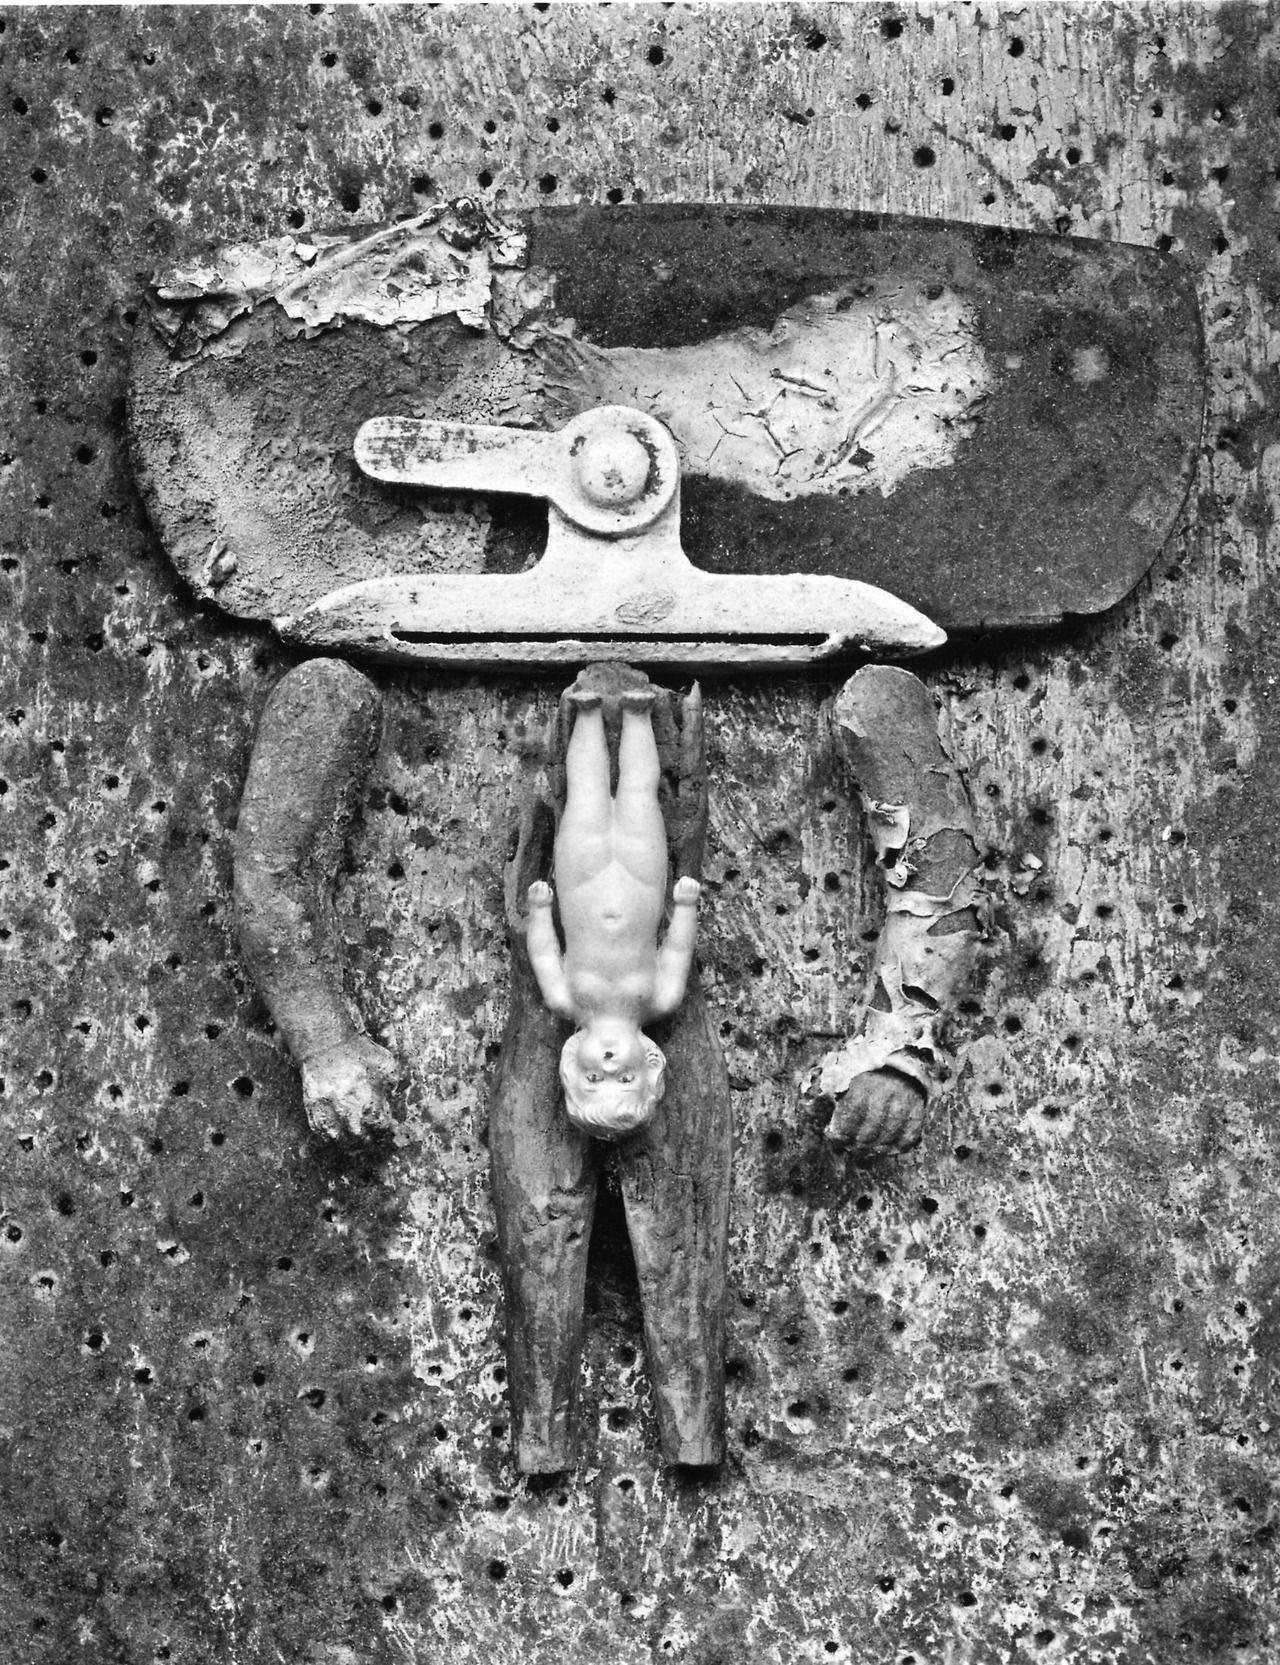 Frederick Sommer: Valise d'Adam, 1949